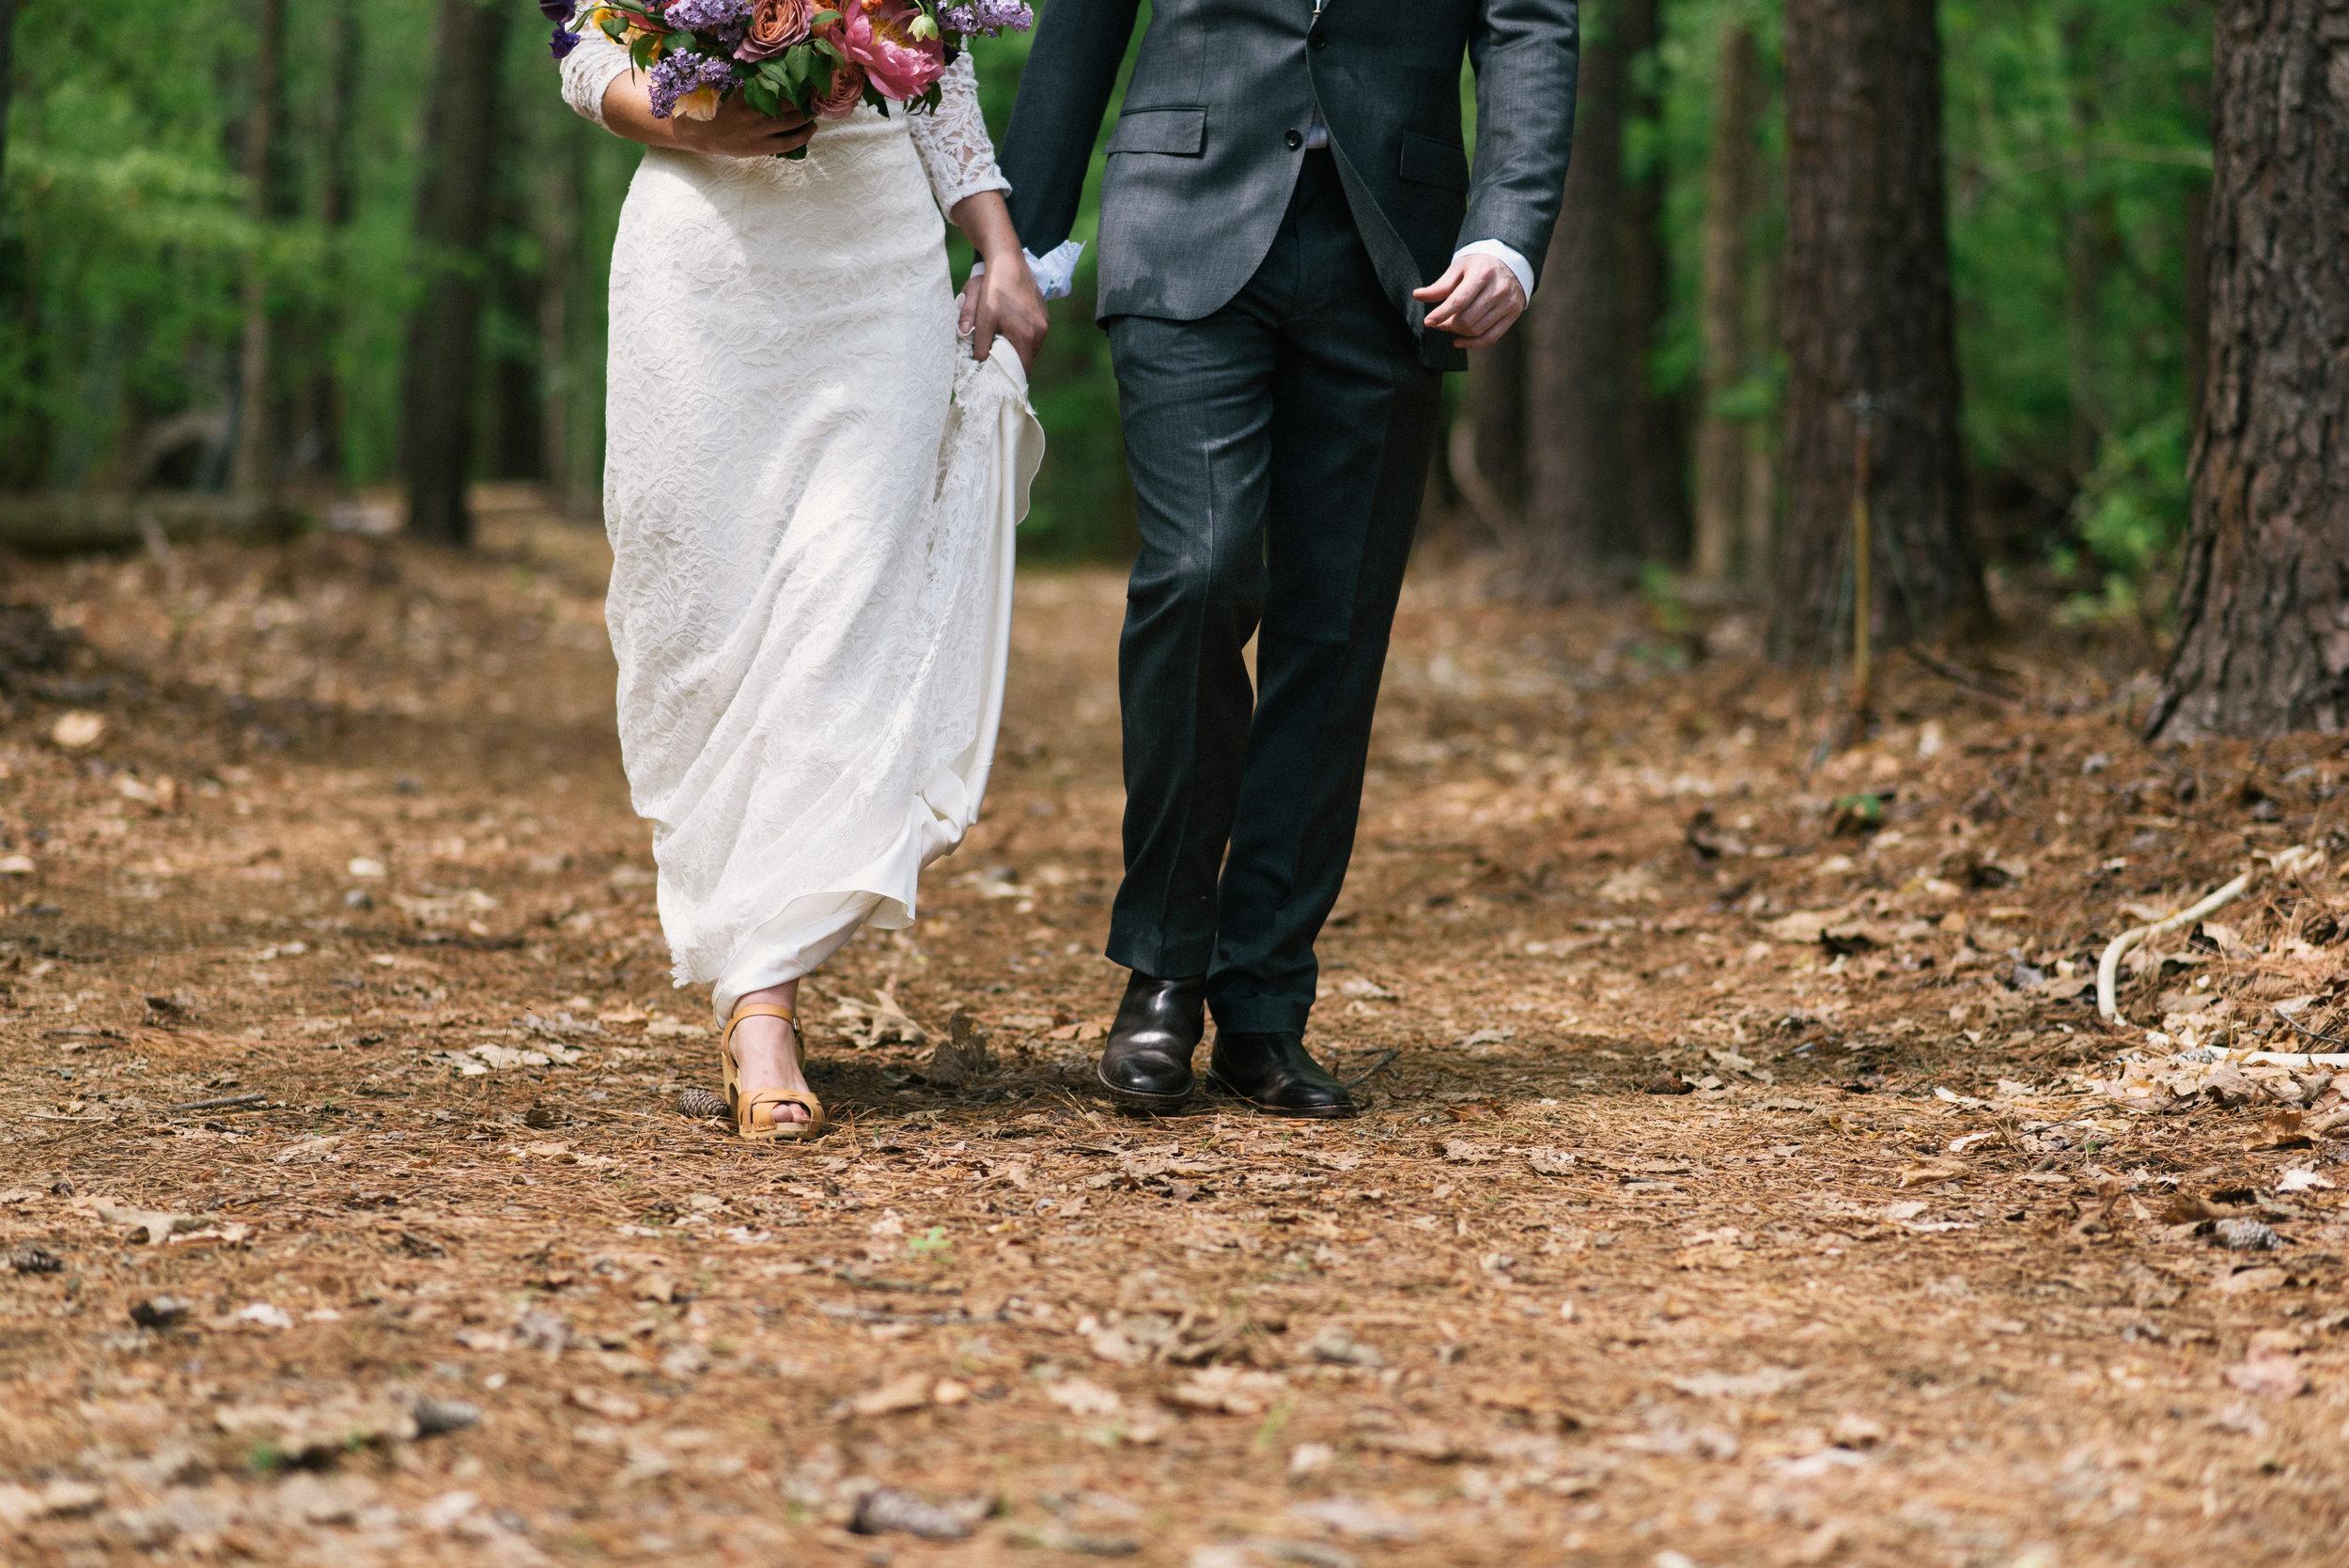 raleigh-elopement-photographer-raleigh-durham-wedding-maddie-and-devin- (26 of 162).jpg